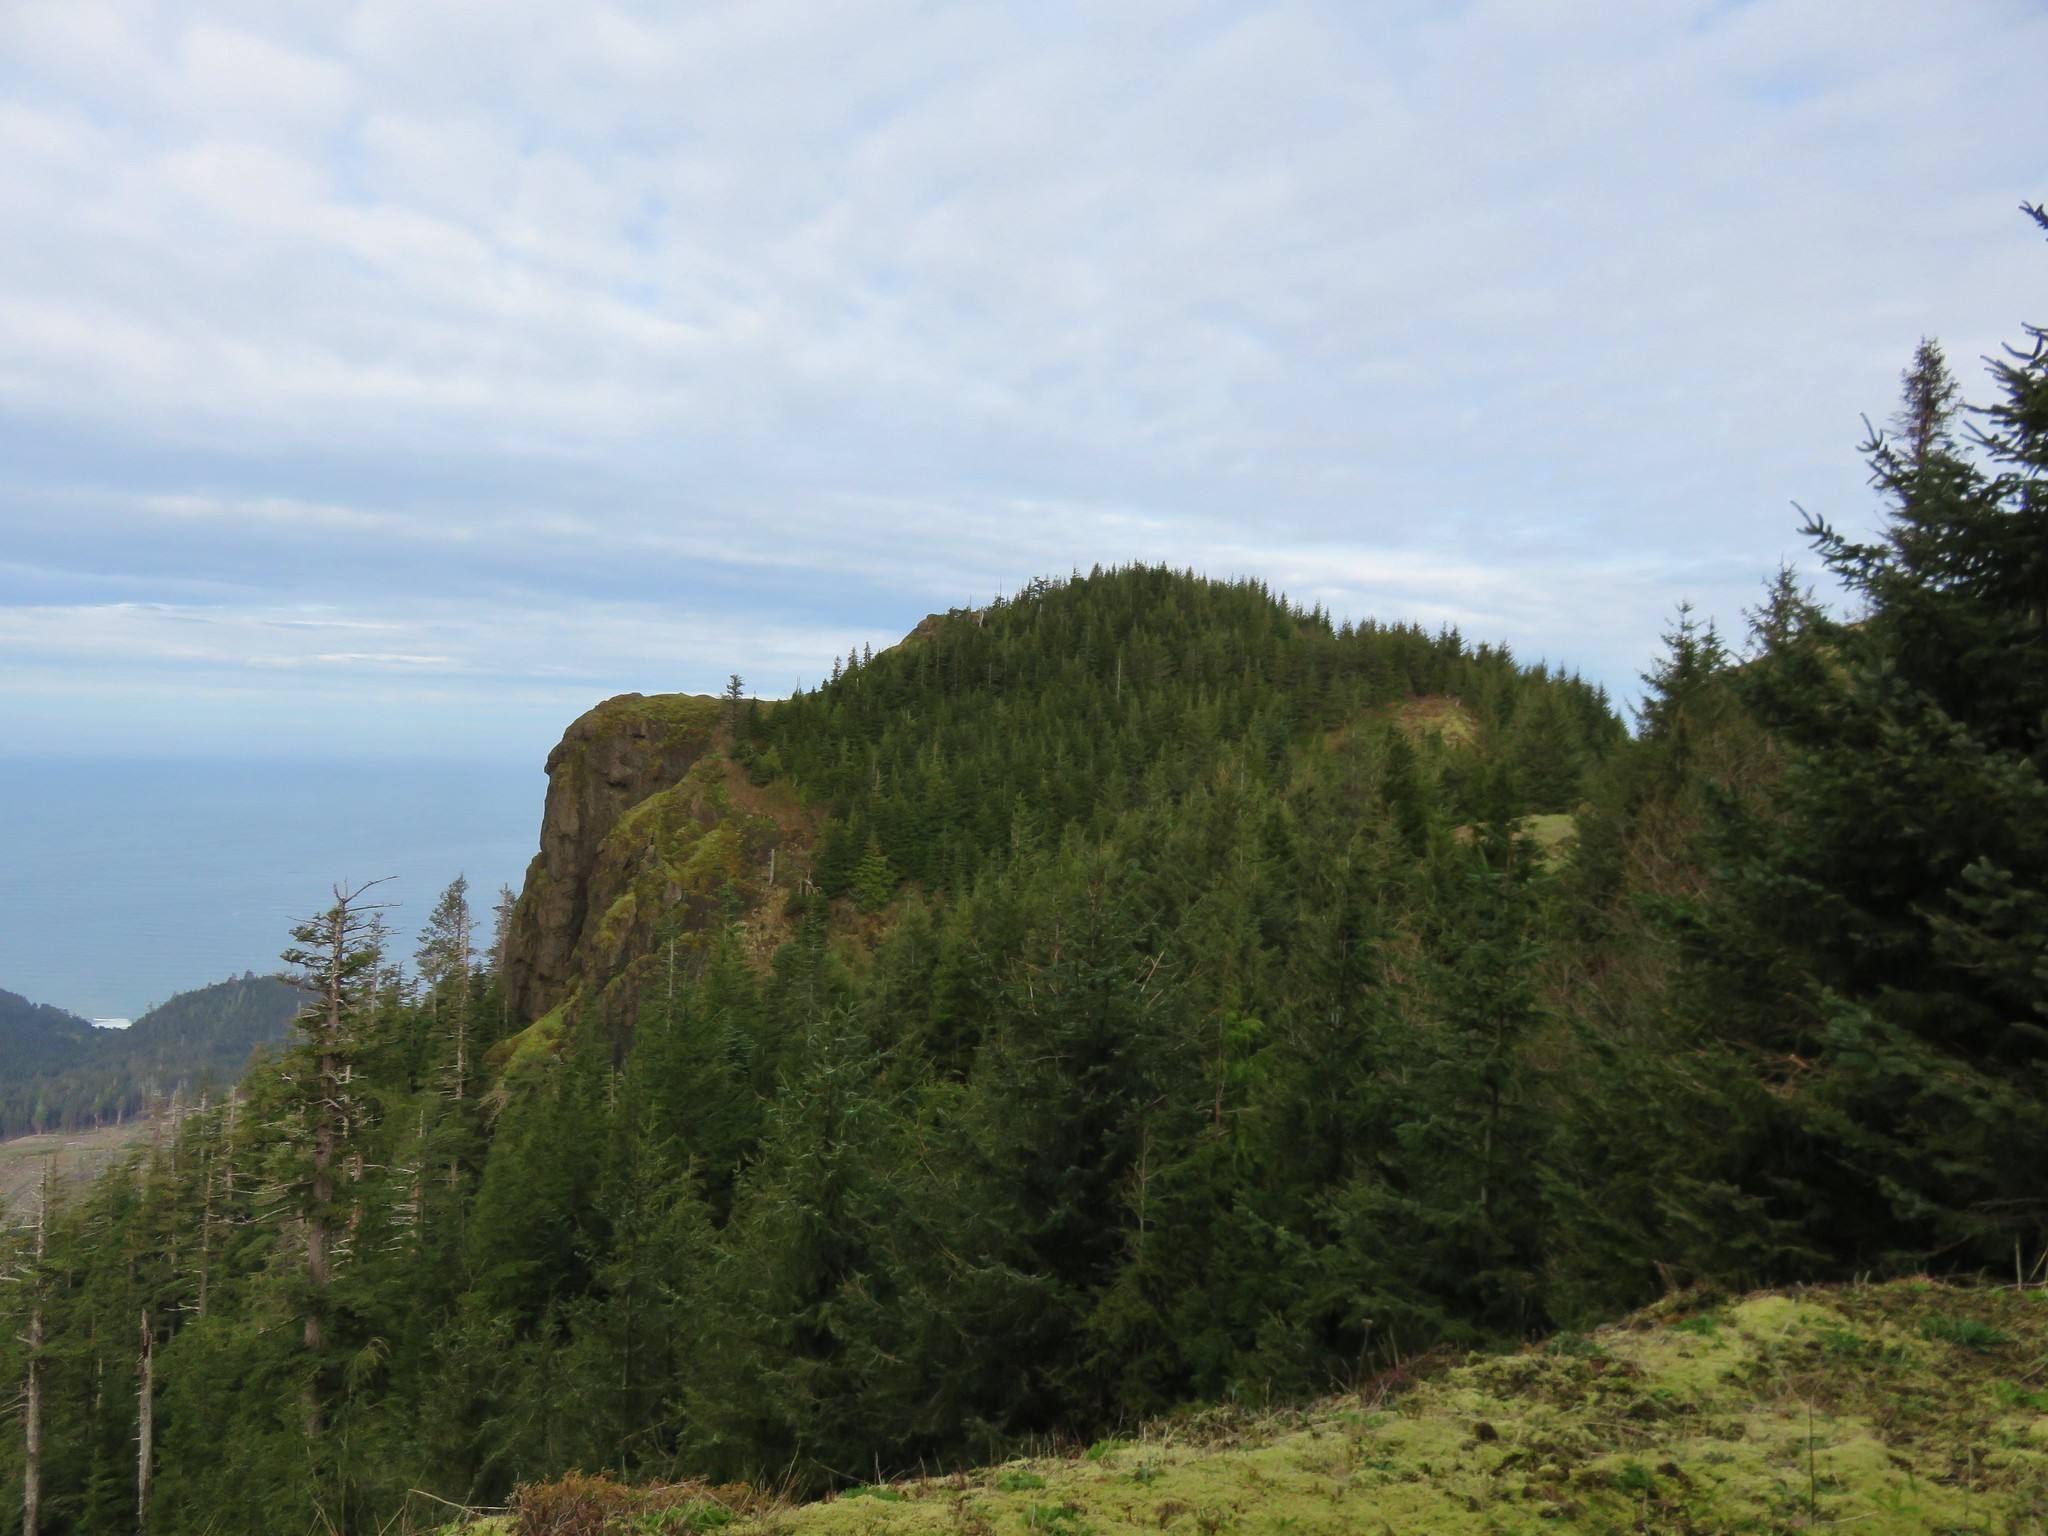 West end of Angora Peak